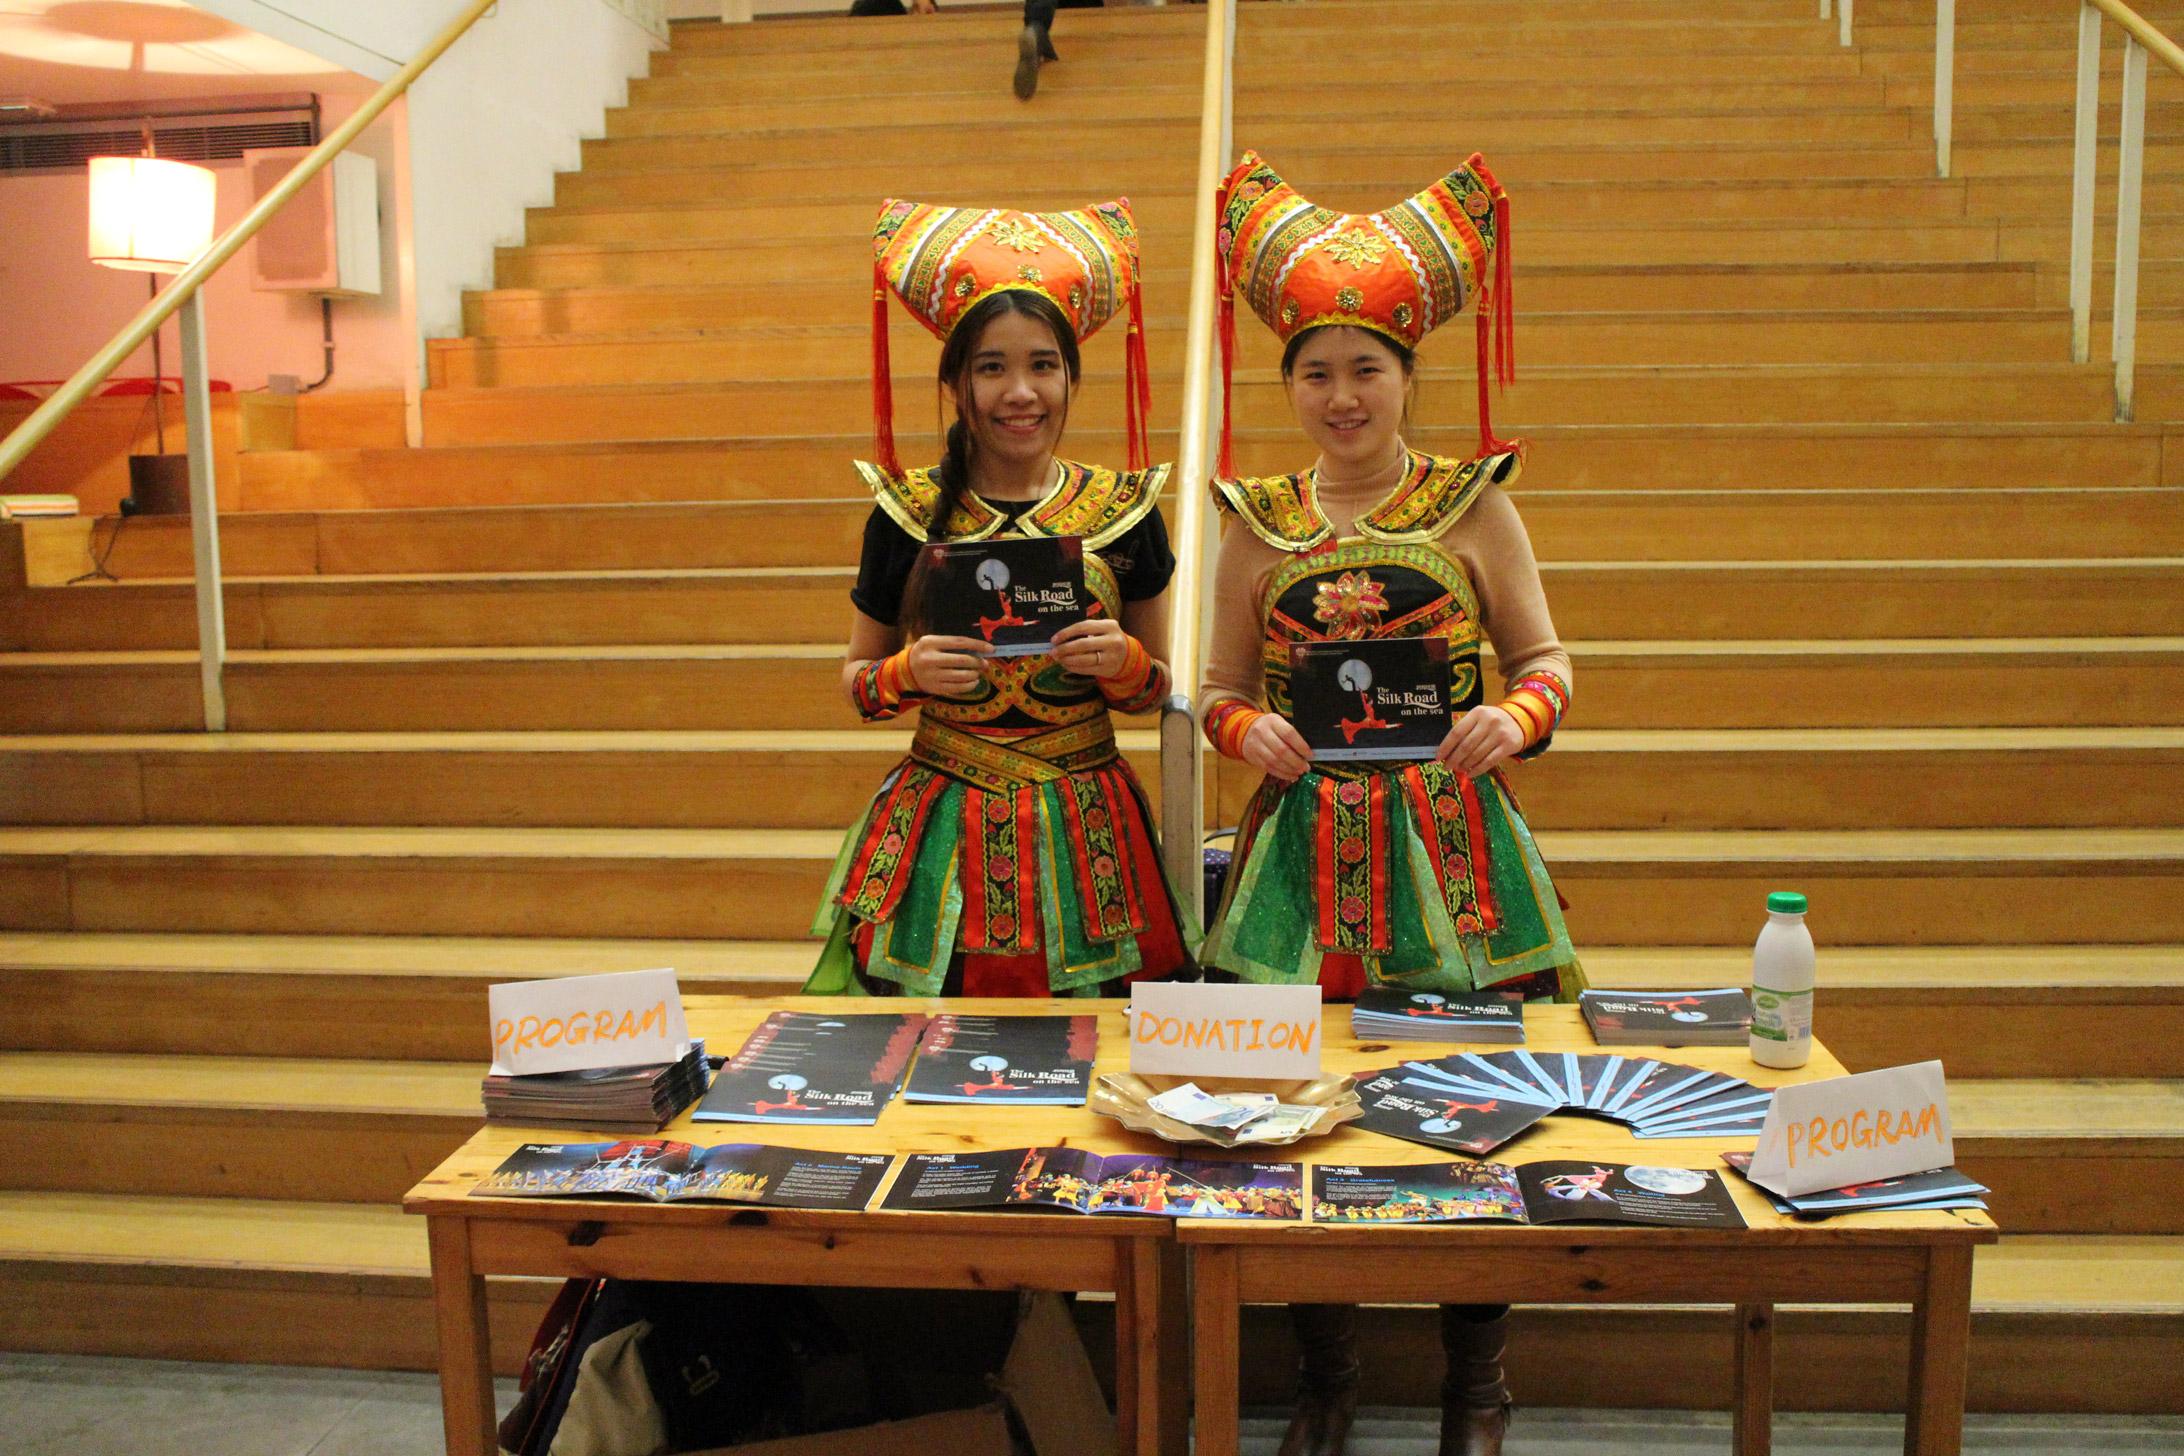 La Présence Du Centre Culturel De Chine Au Spectacle De pour Spectacle Danse Chinoise